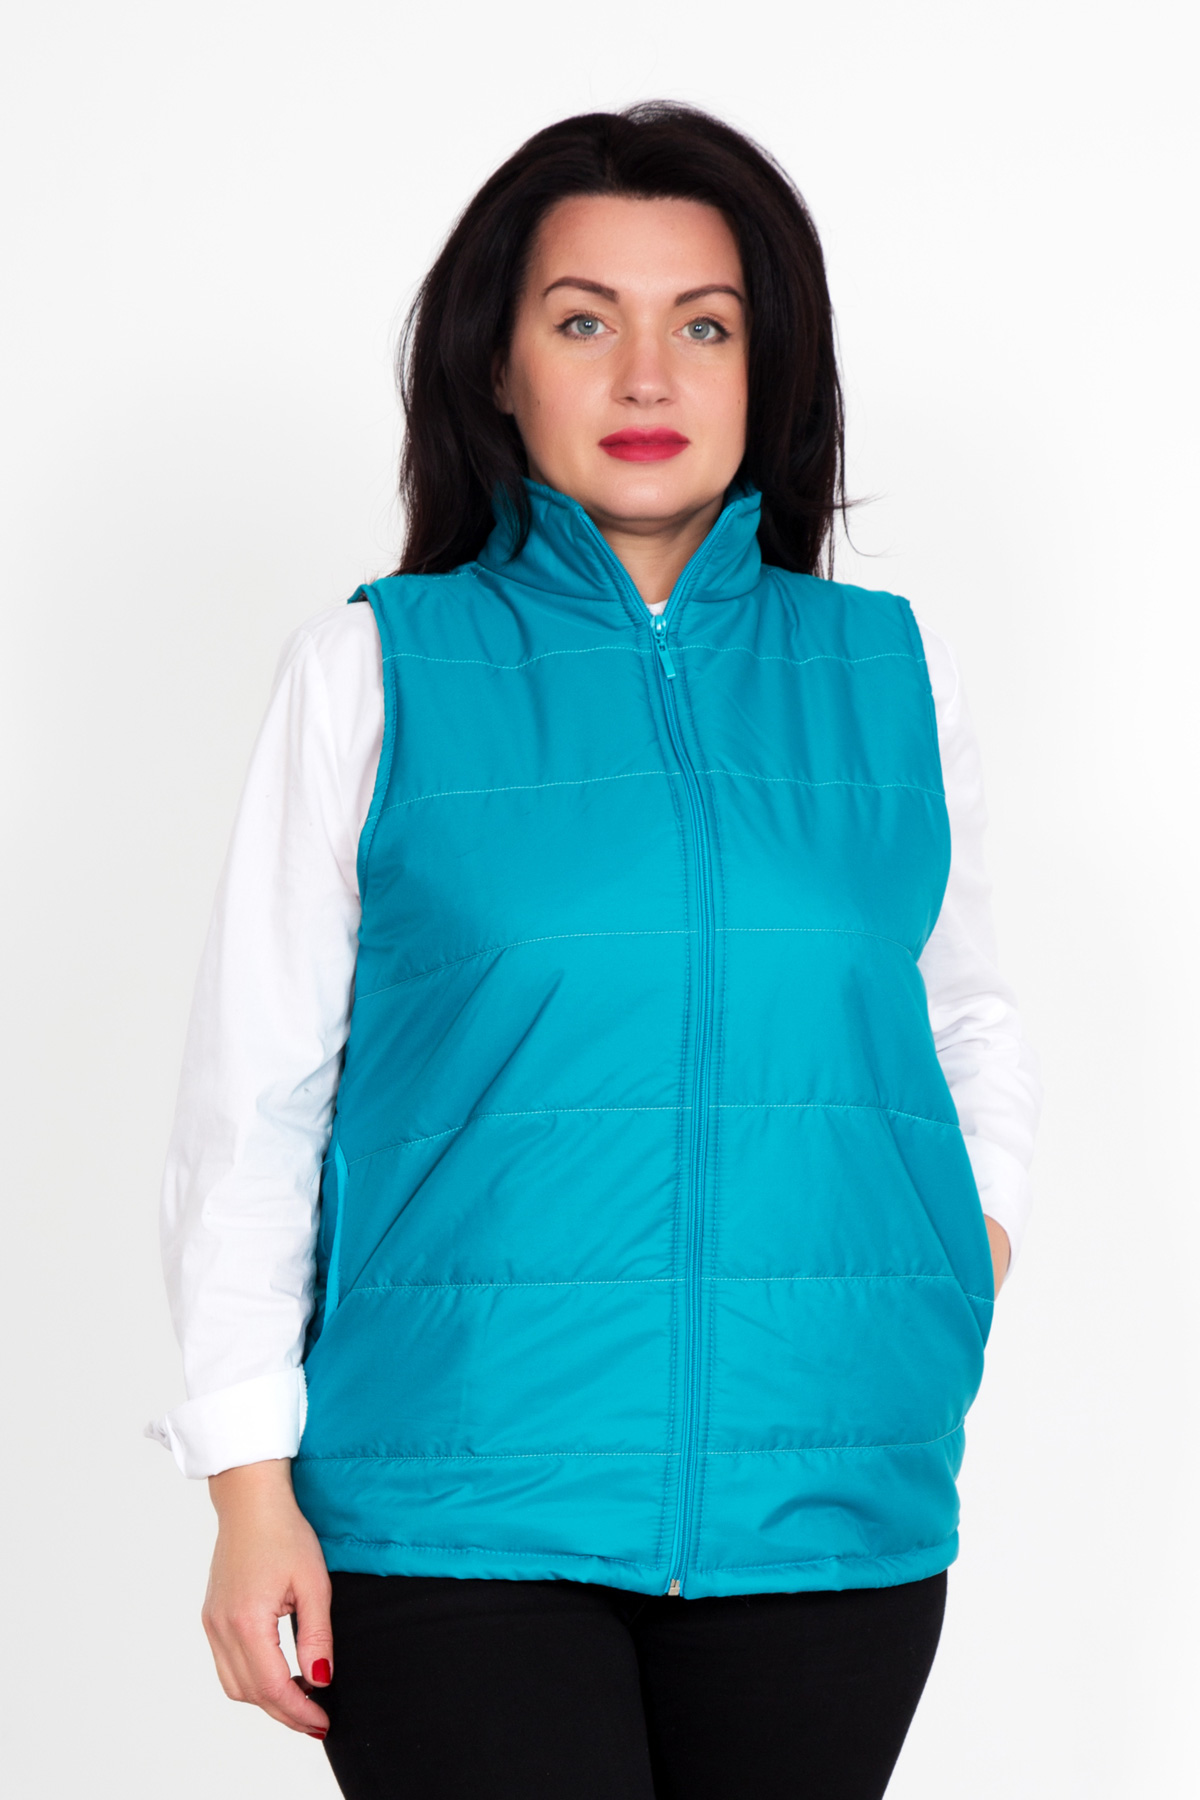 Жен. жилет арт. 18-0269 Голубой р. 50Верхняя одежда<br>Факт. ОГ: 102 см <br>Факт. ОТ: 102 см <br>Факт. ОБ: 108 см <br>Длина по спинке: 61 см<br><br>Тип: Жен. жилет<br>Размер: 50<br>Материал: Полиэстер